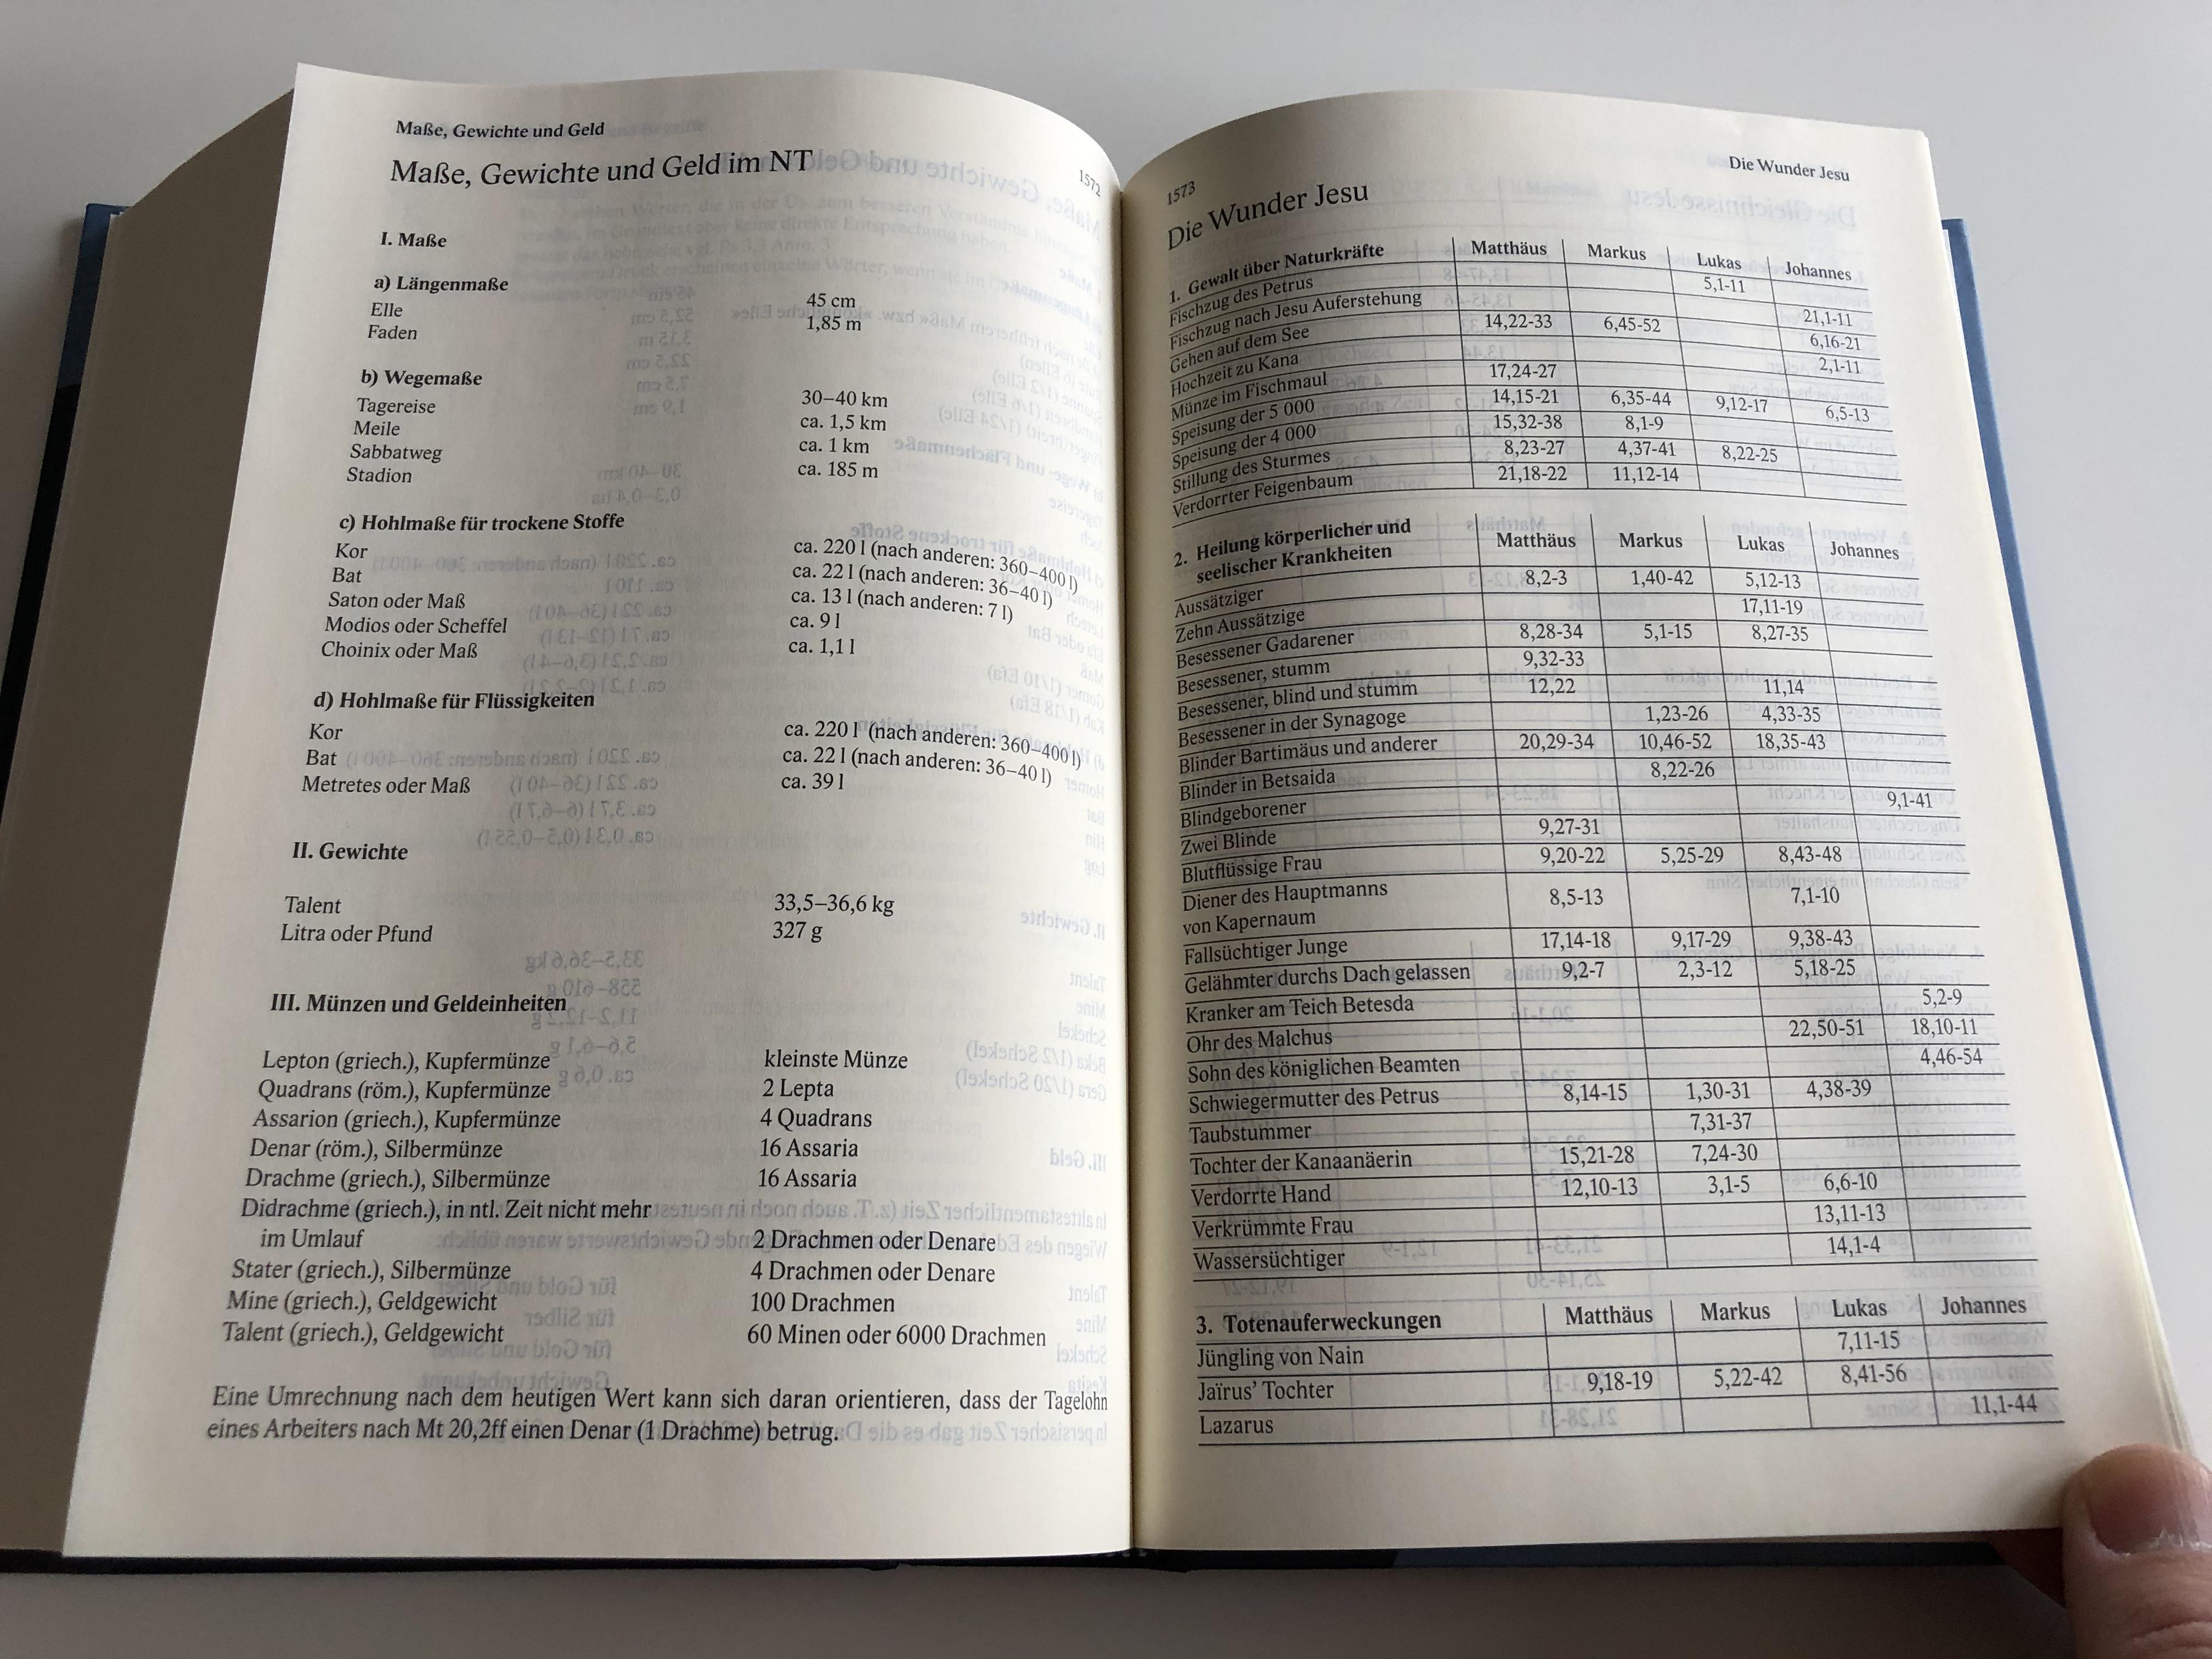 elberfelder-bibel-elberfelder-bible-in-german-language-9.jpg